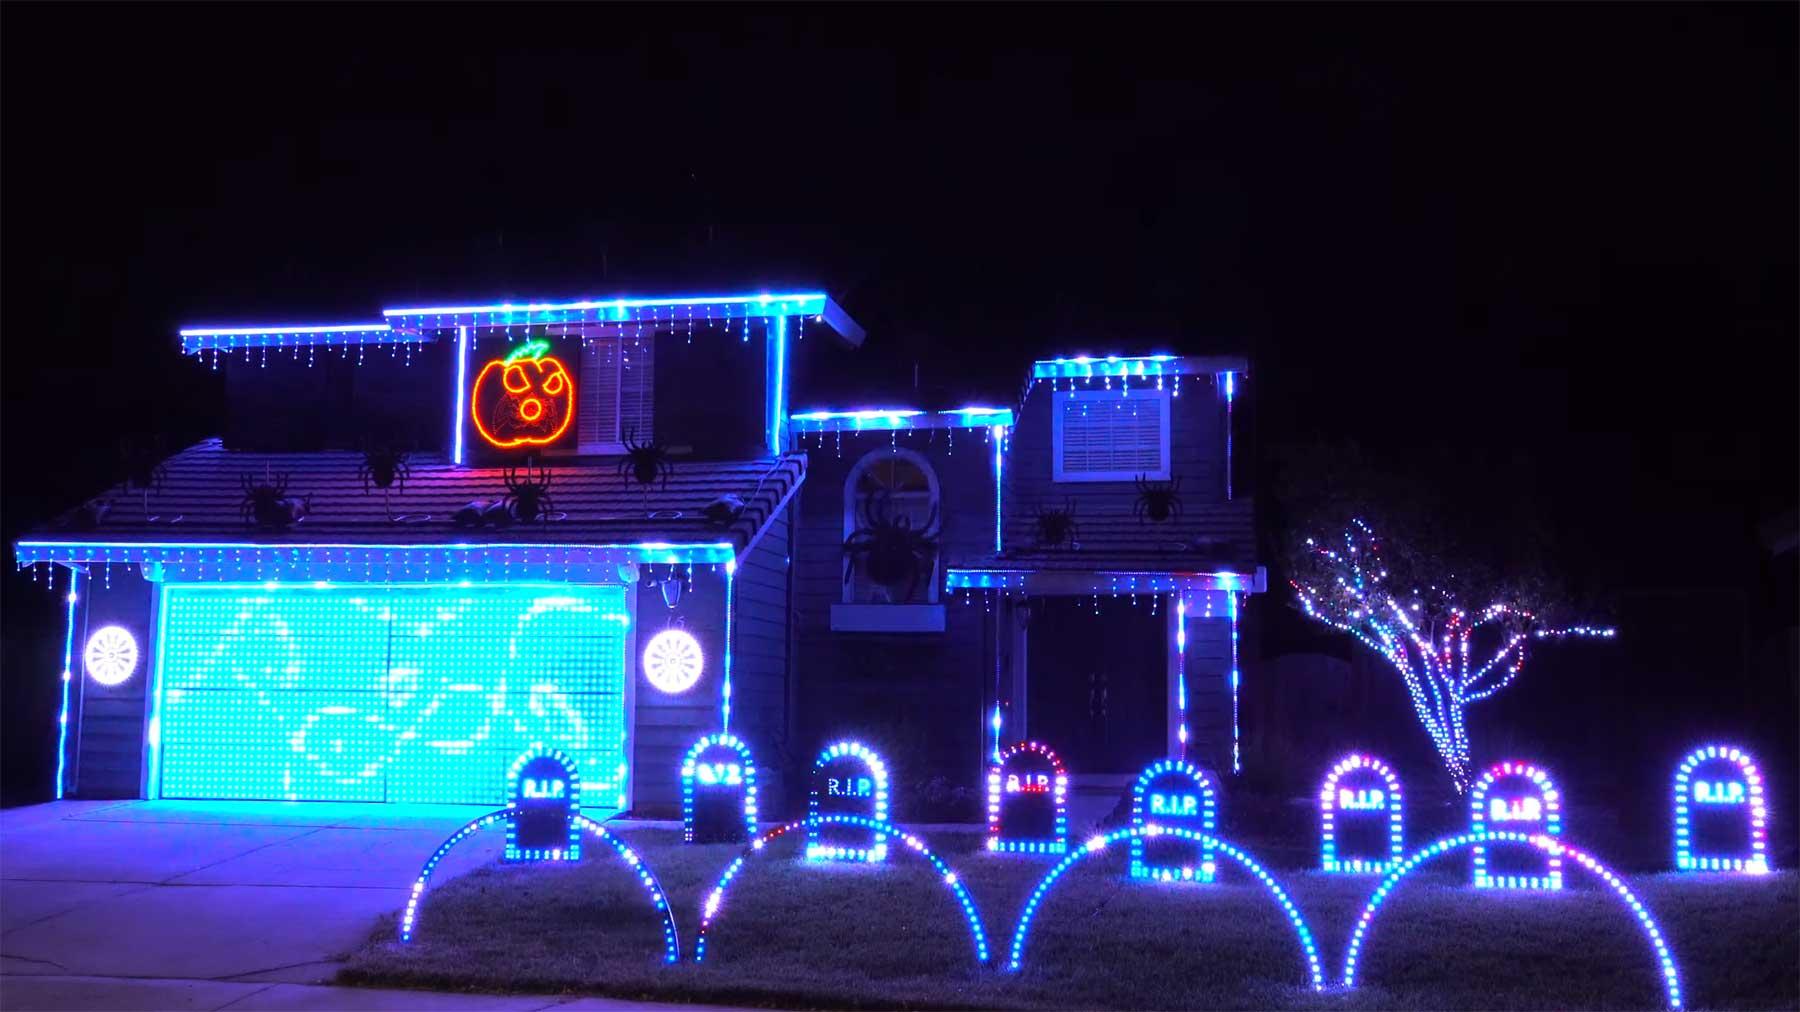 Haus mit Halloween-Lightshow für die Ghostbusters